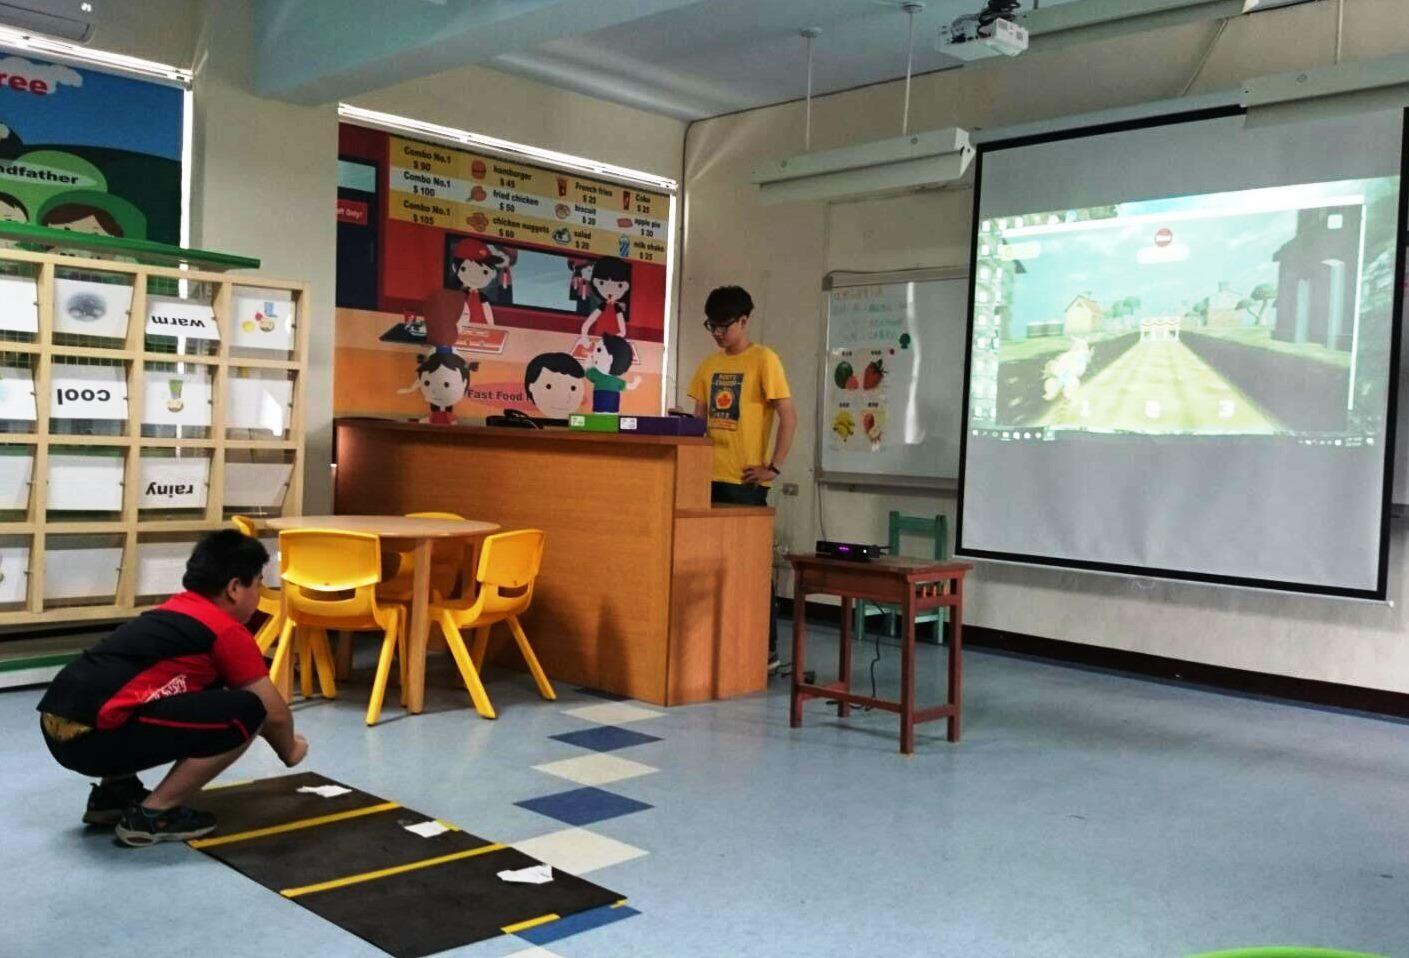 通稿照片-中原大學師生將體感遊戲設計成類似跑酷(Parkour)的情境再與動畫遊戲結合讓特教孩子學習敏捷度訓練.jpg